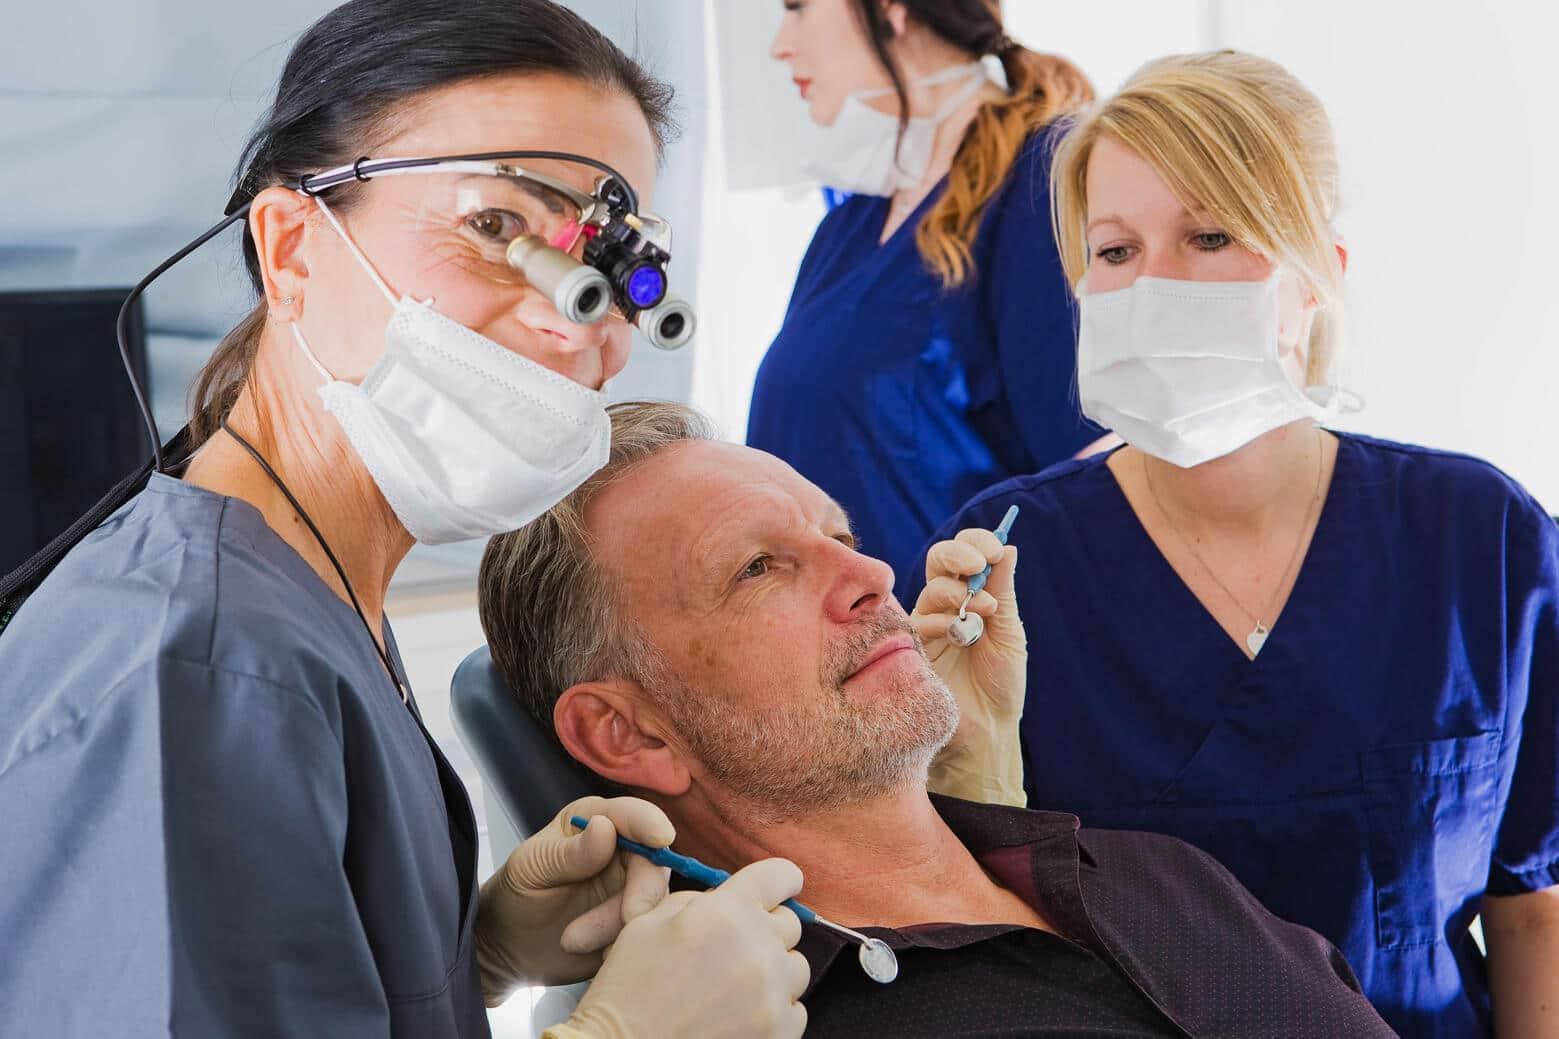 Zahnchirurgie & Implantologie Bochum - Zahn OP in der Zahnarztpraxis